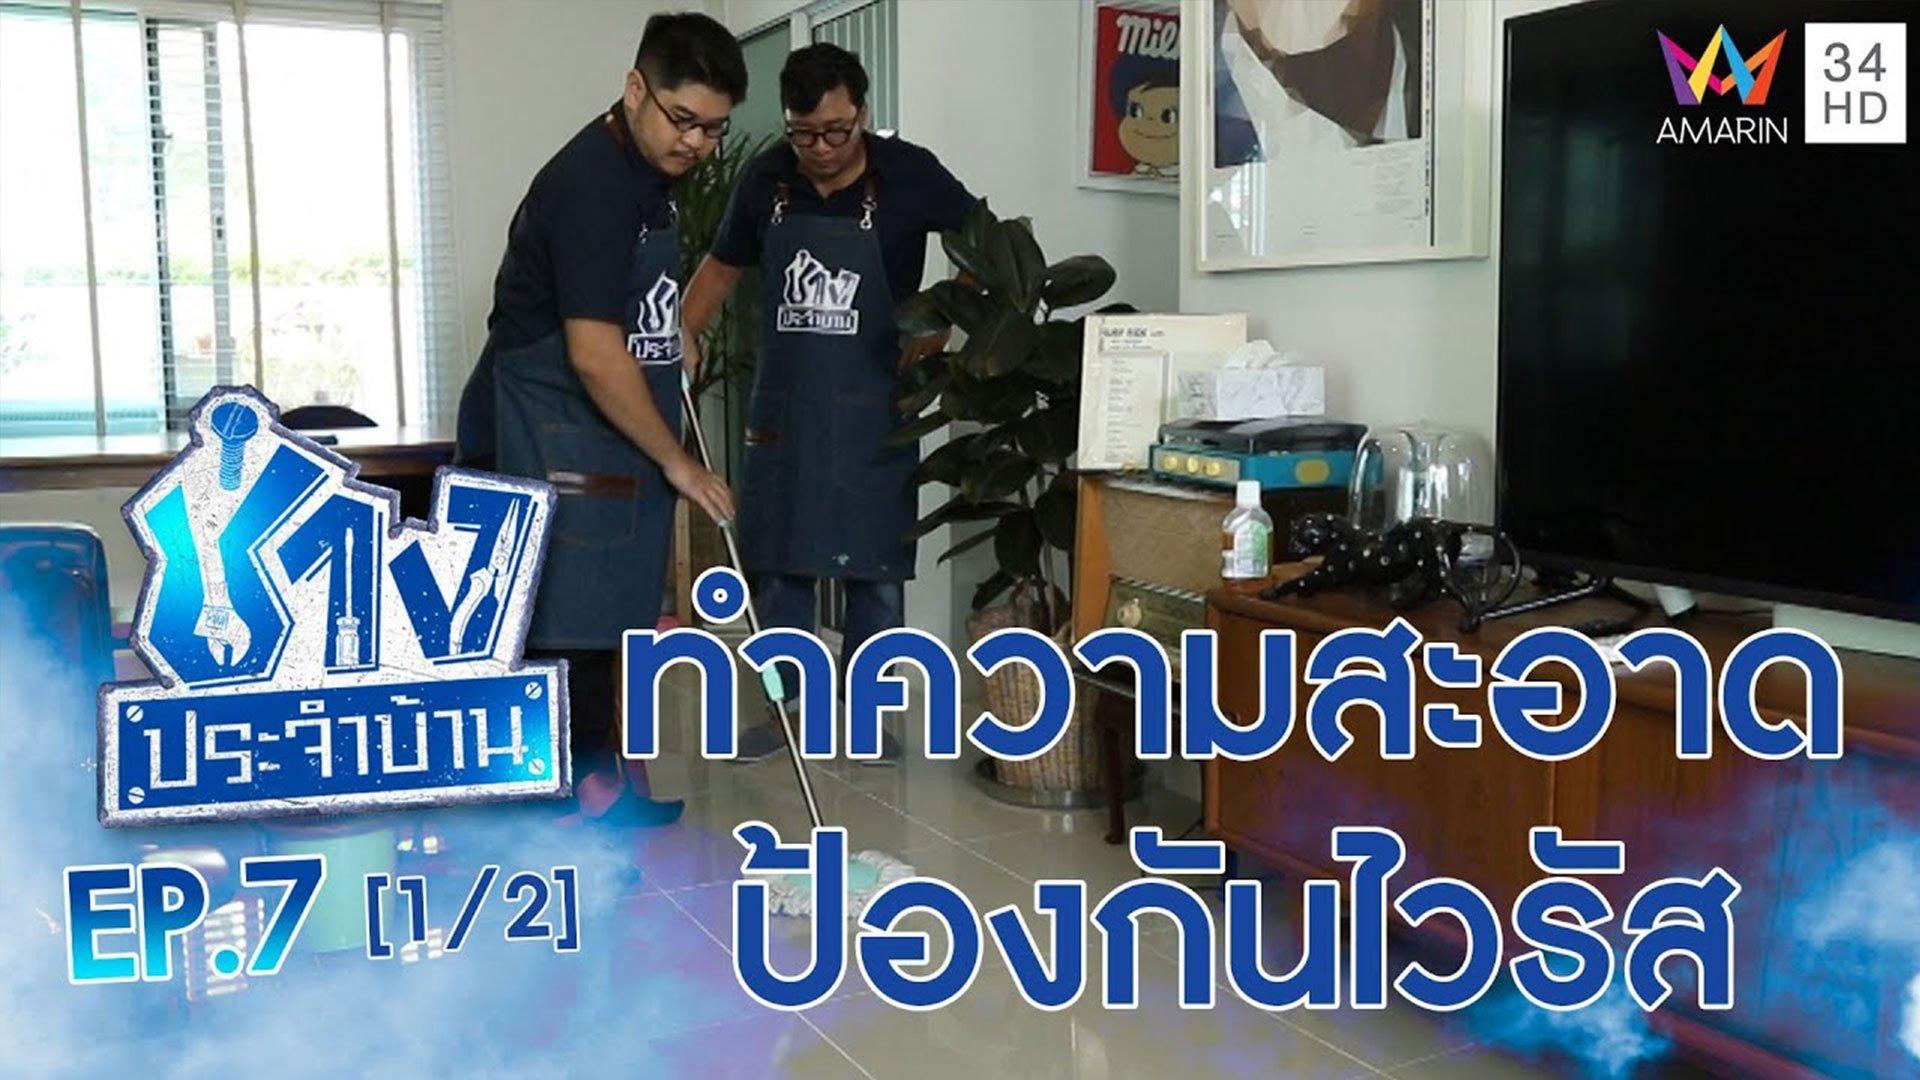 ช่างประจำบ้าน   EP.7 วิธีทำความสะอาดจุดต่าง ๆ ภายในบ้าน   ช่างช่วย (1/2)   14 มี.ค. 63   AMARIN TVHD34